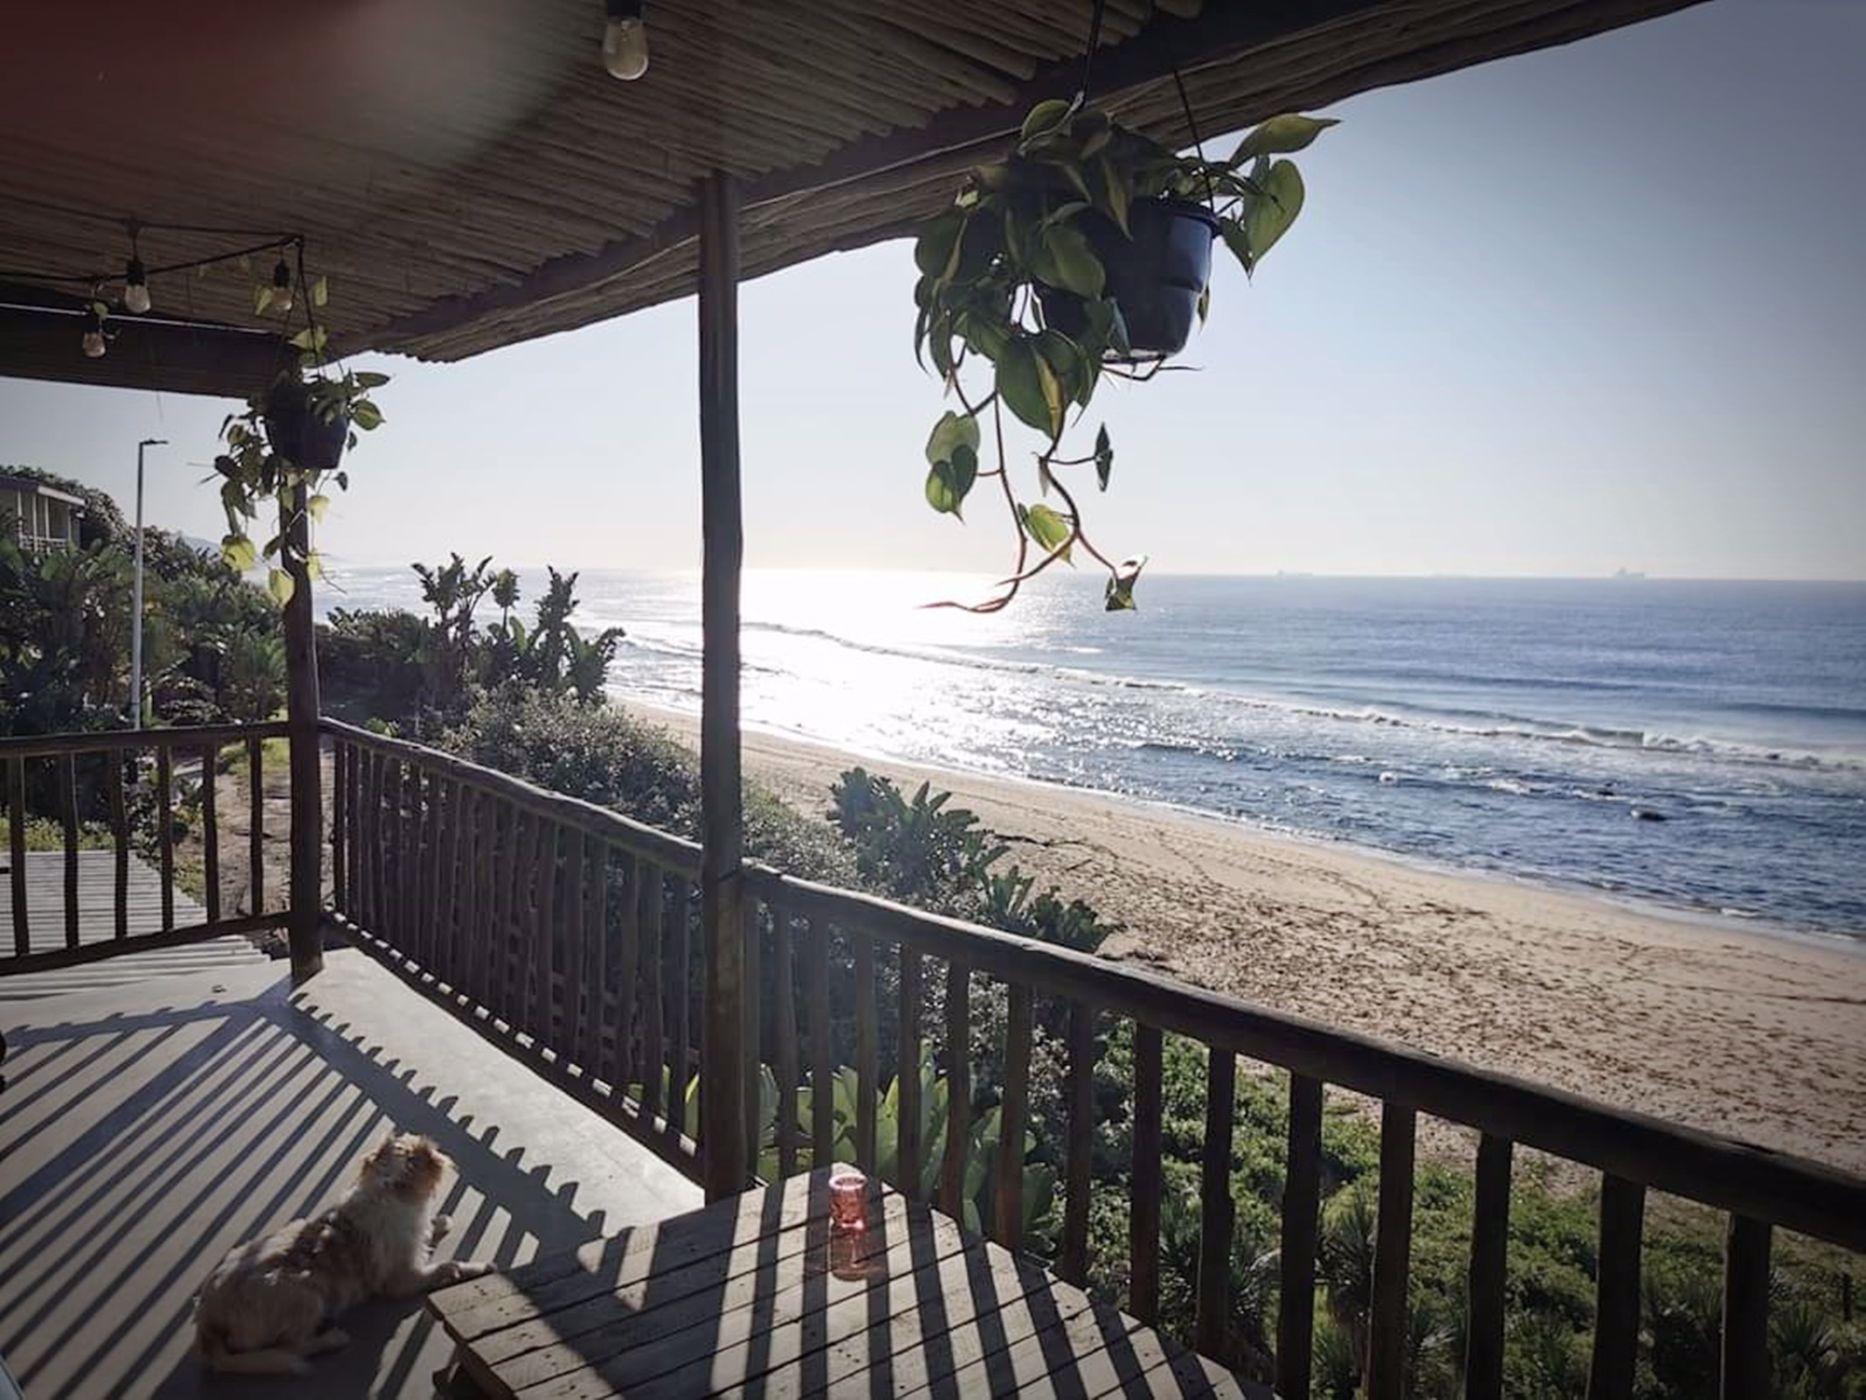 5 bedroom house for sale in Umdloti Beach